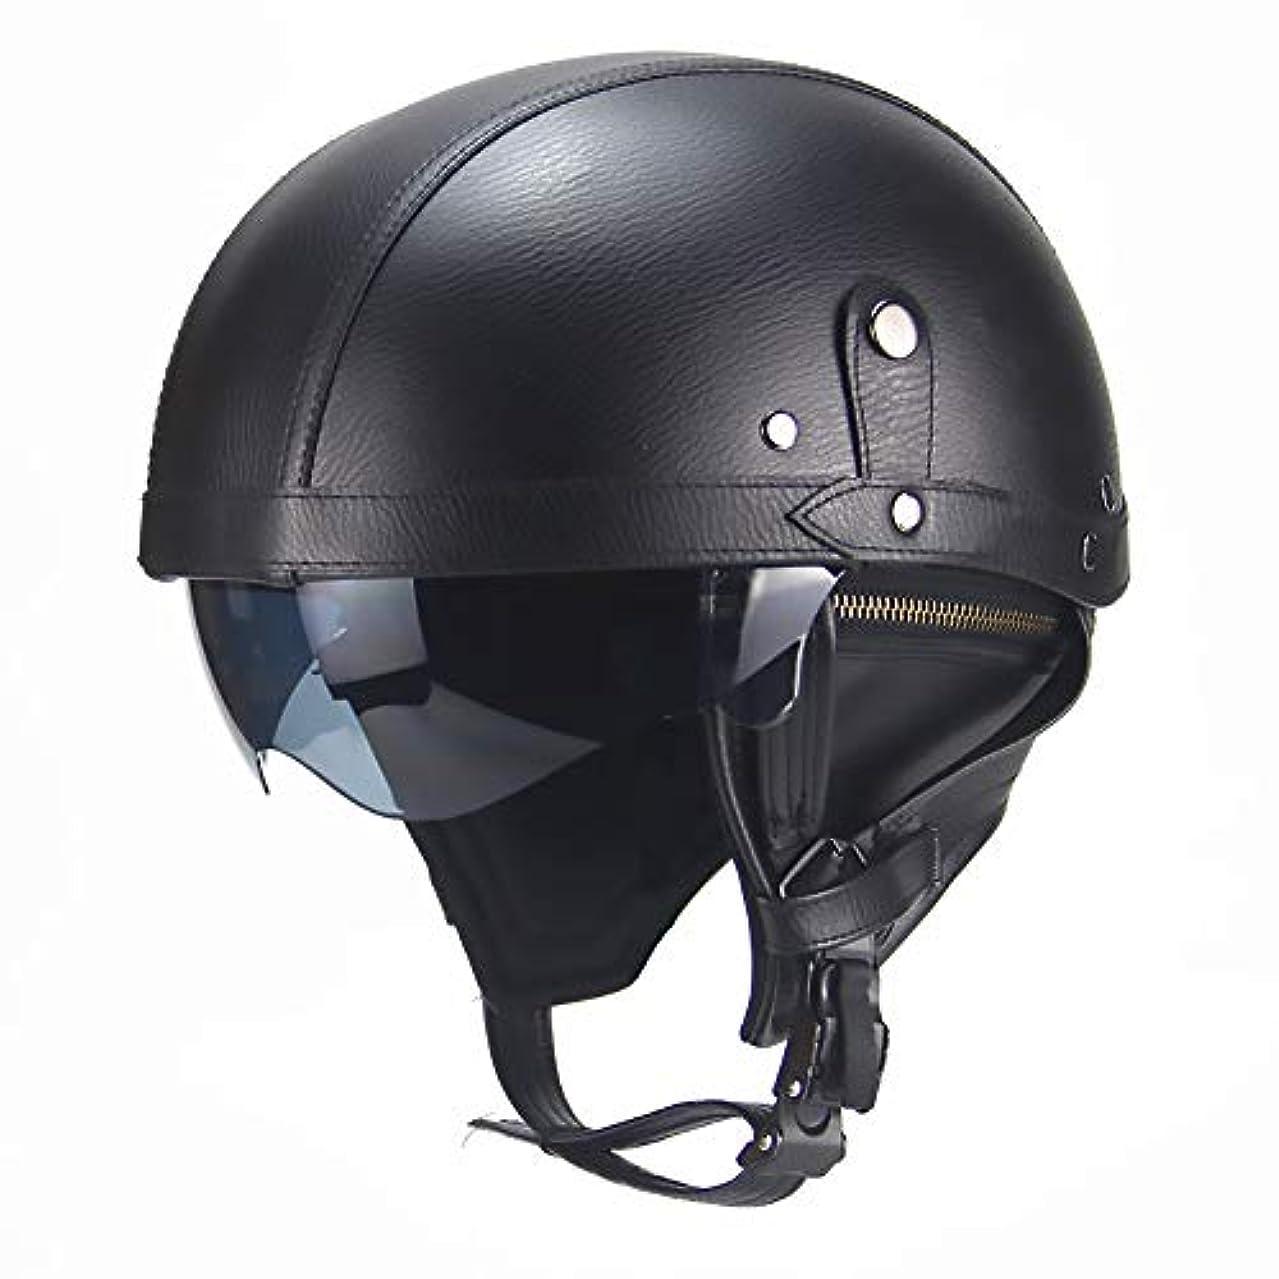 時間ツインギャップHYH オートバイヘルメットハーフヘルメットレトロ人格ヘルメット夏ペダルオートバイレザーヘルメット四季ユニバーサル いい人生 (色 : Black)